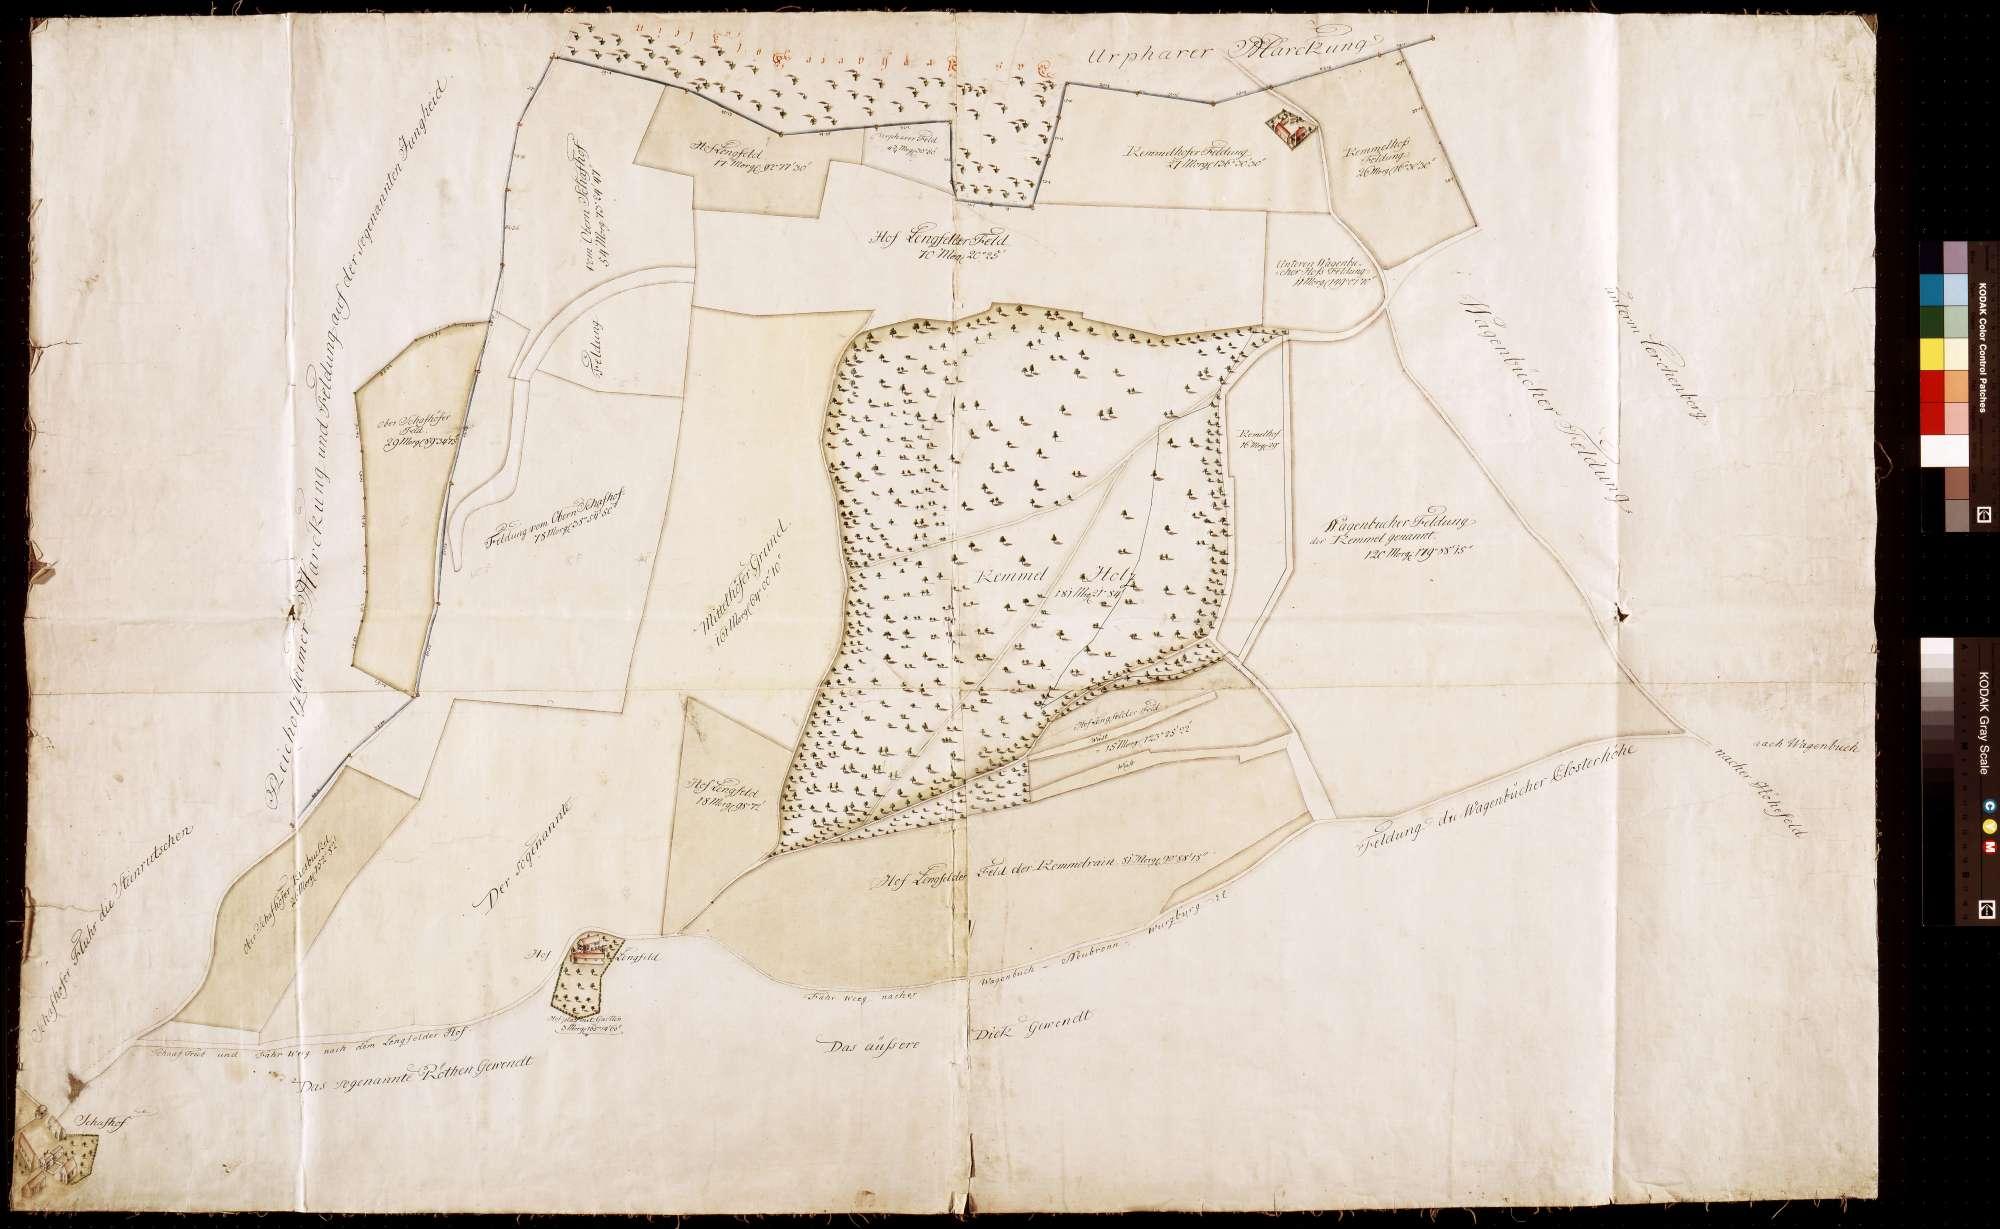 [Neuabsteinung eines Teils der Bronnbacher Gemarkung gegen Reicholzheim und Urphar] (Inselkarte), Bild 1